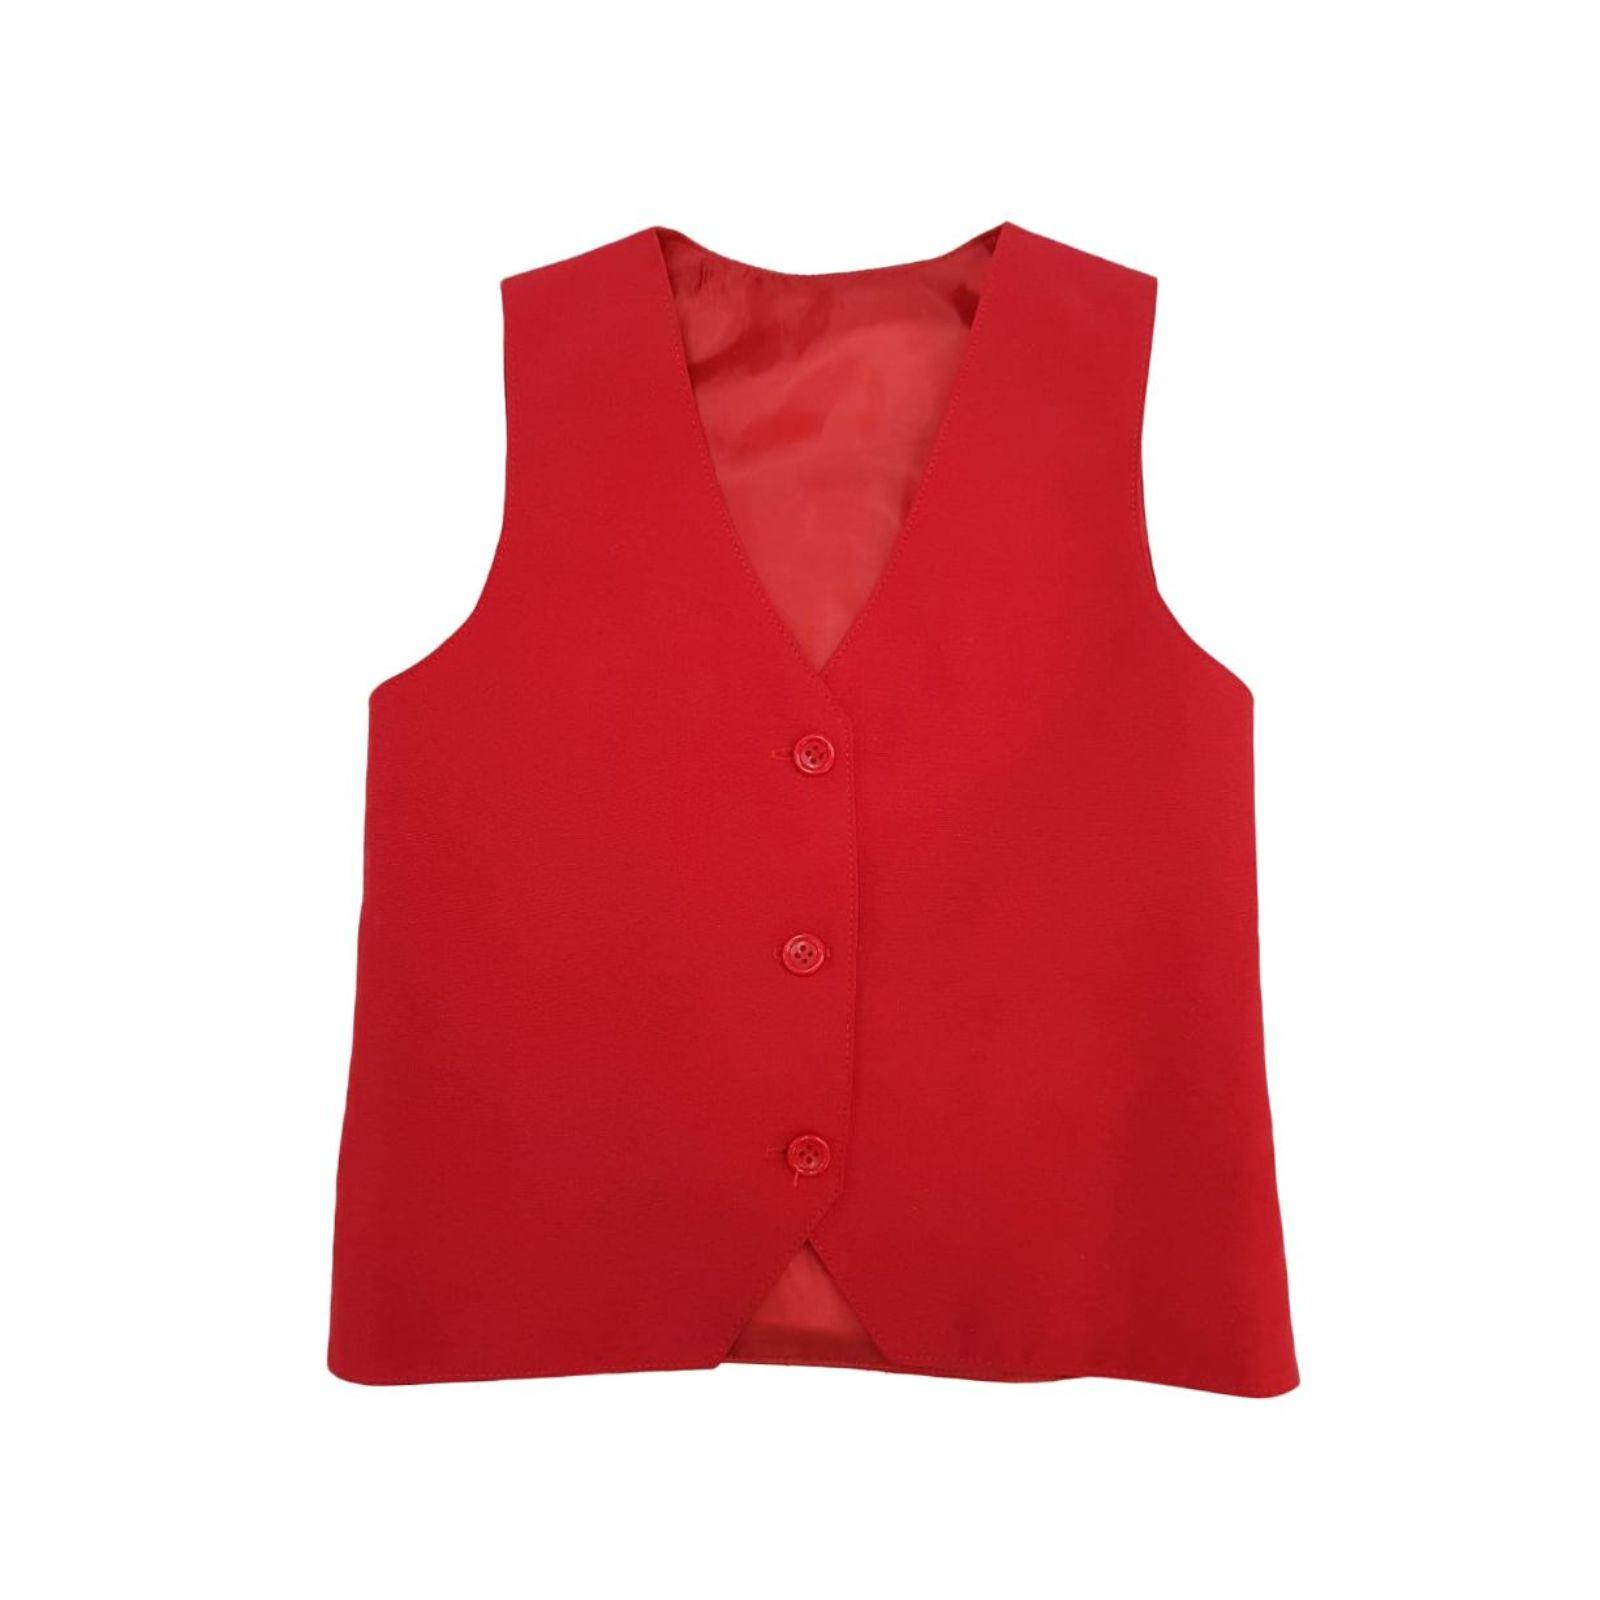 Vesta rosie – uniforma scolara 1